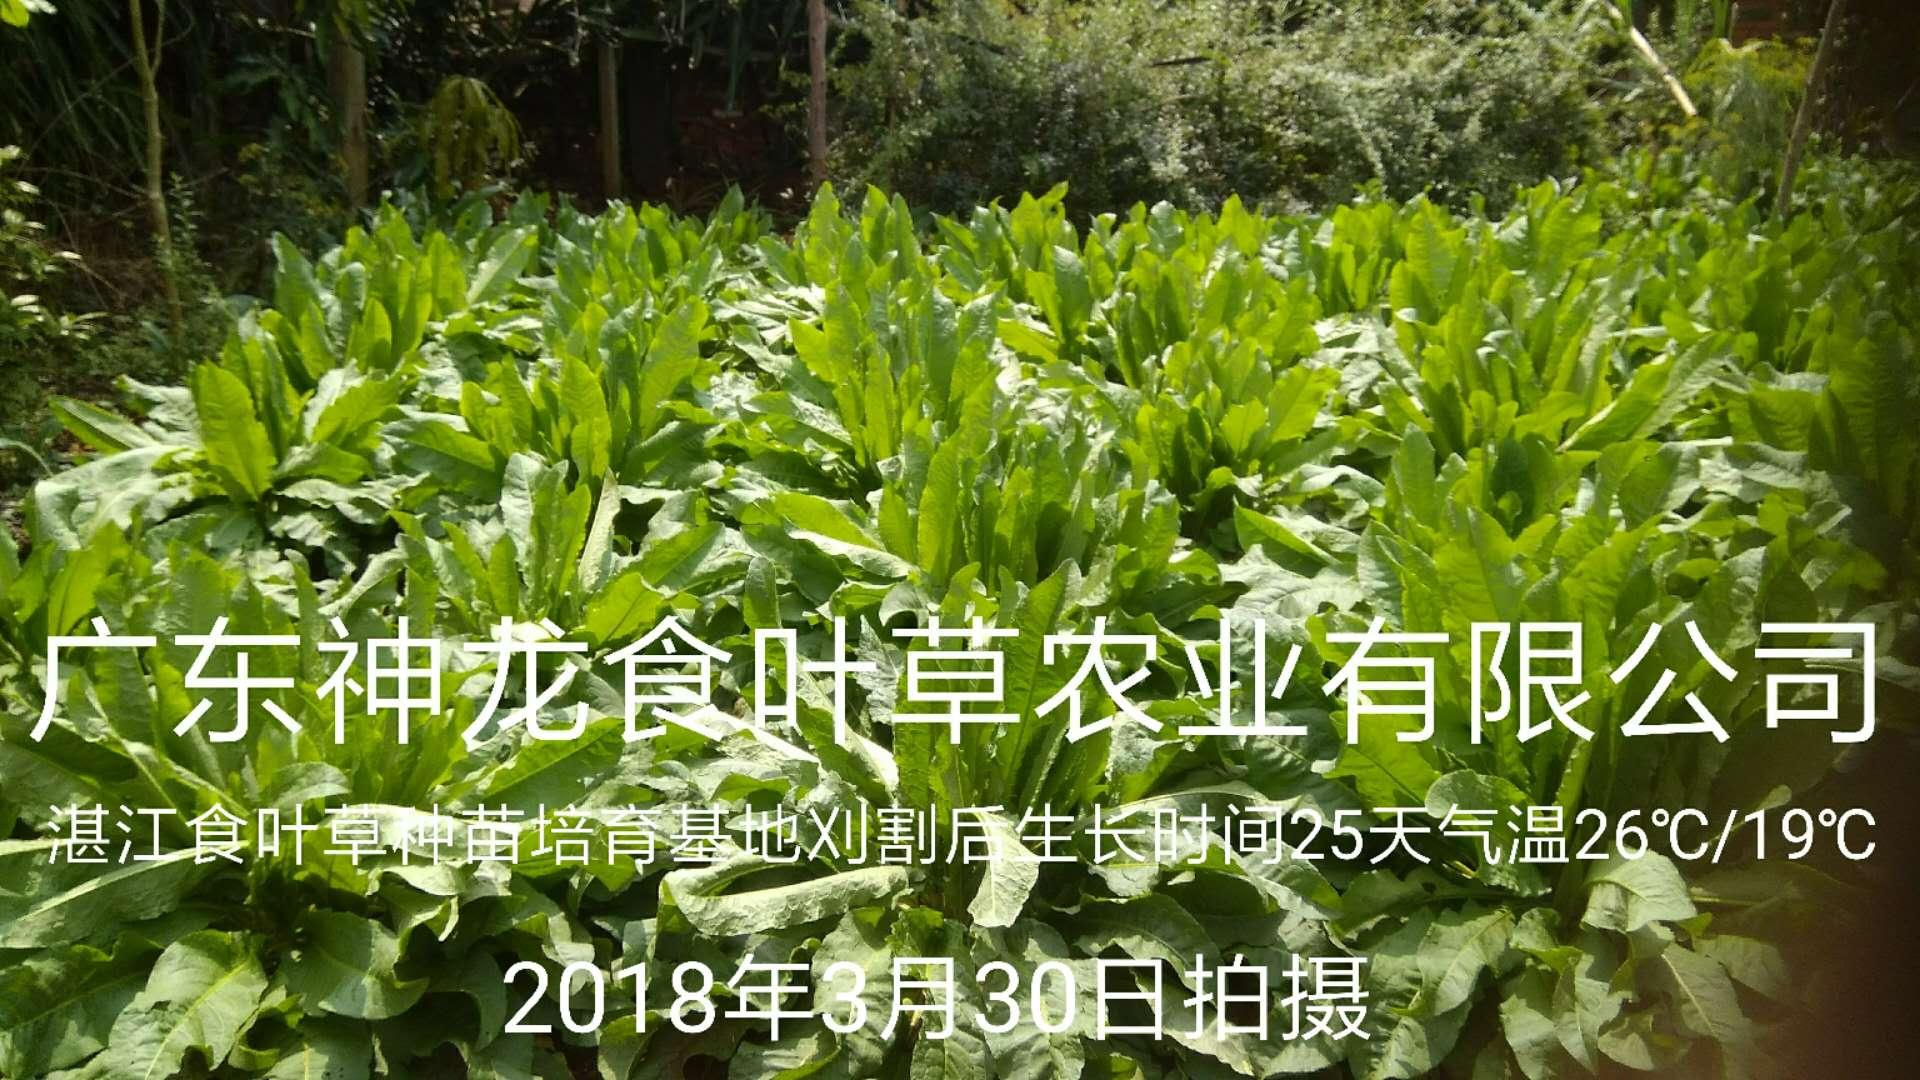 湛江万博mantex官网